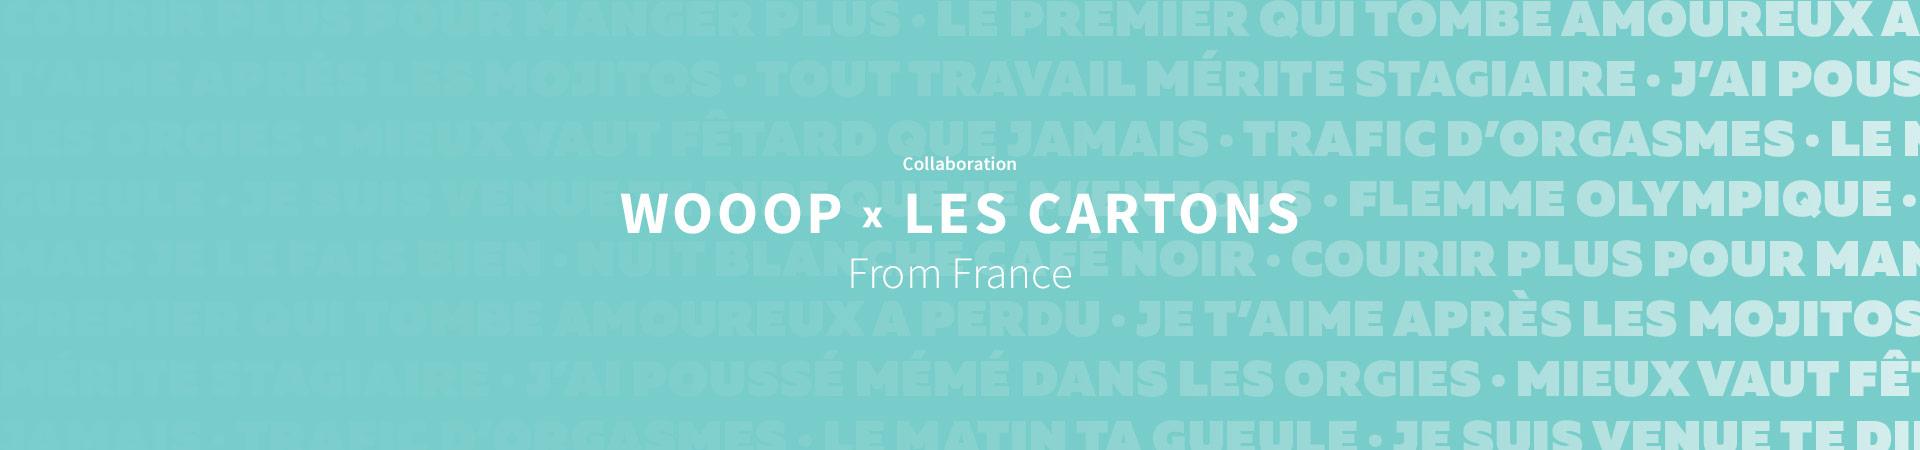 Wooop x Les Cartons